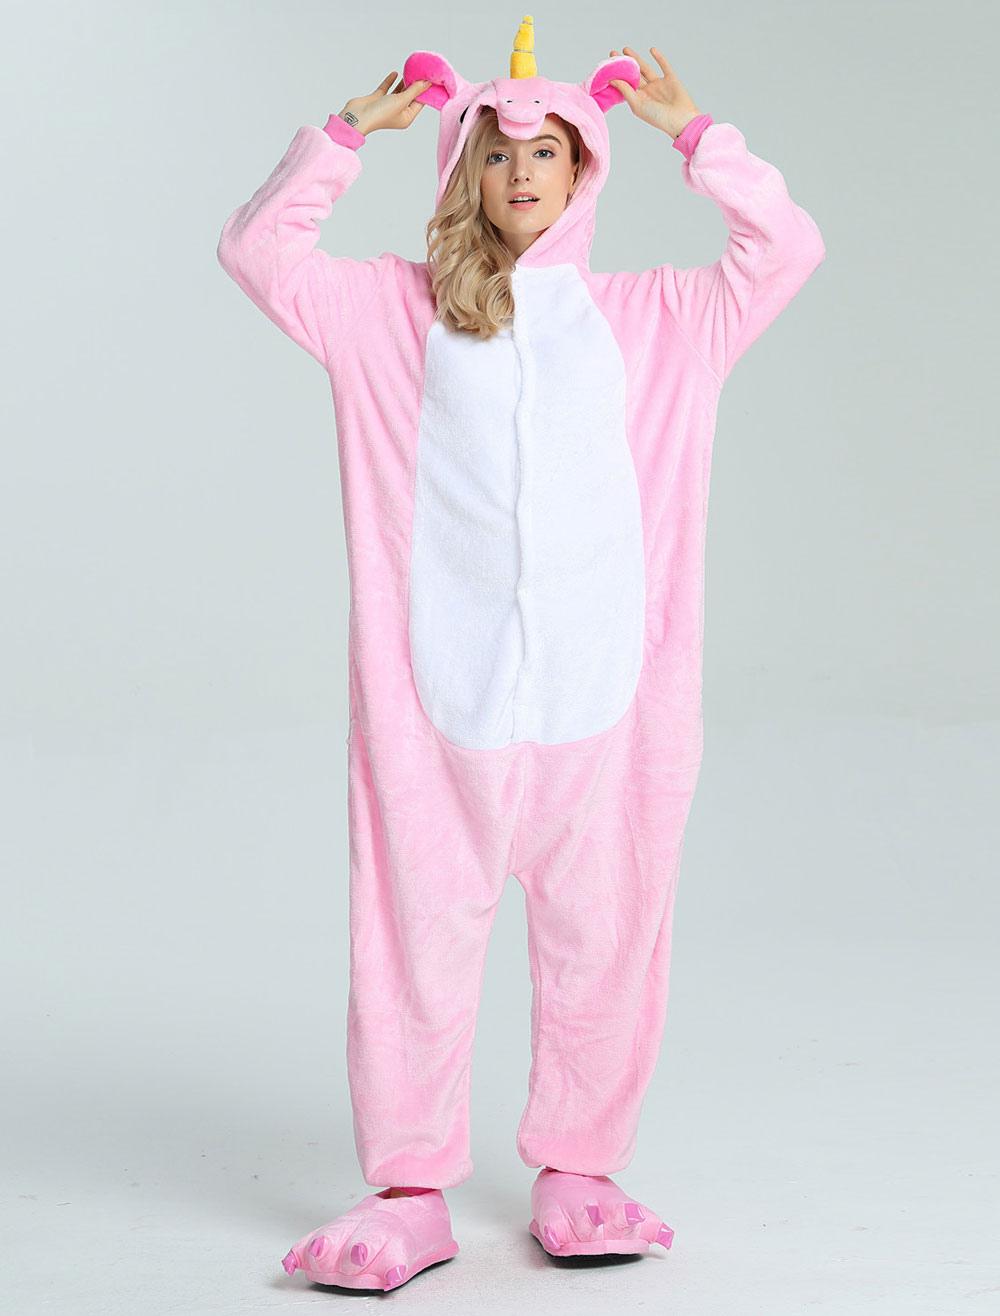 Buy Unicorn Onesie Kigurumi Adults Unisex Pink Flannel Jumpsuit Halloween for $15.99 in Milanoo store